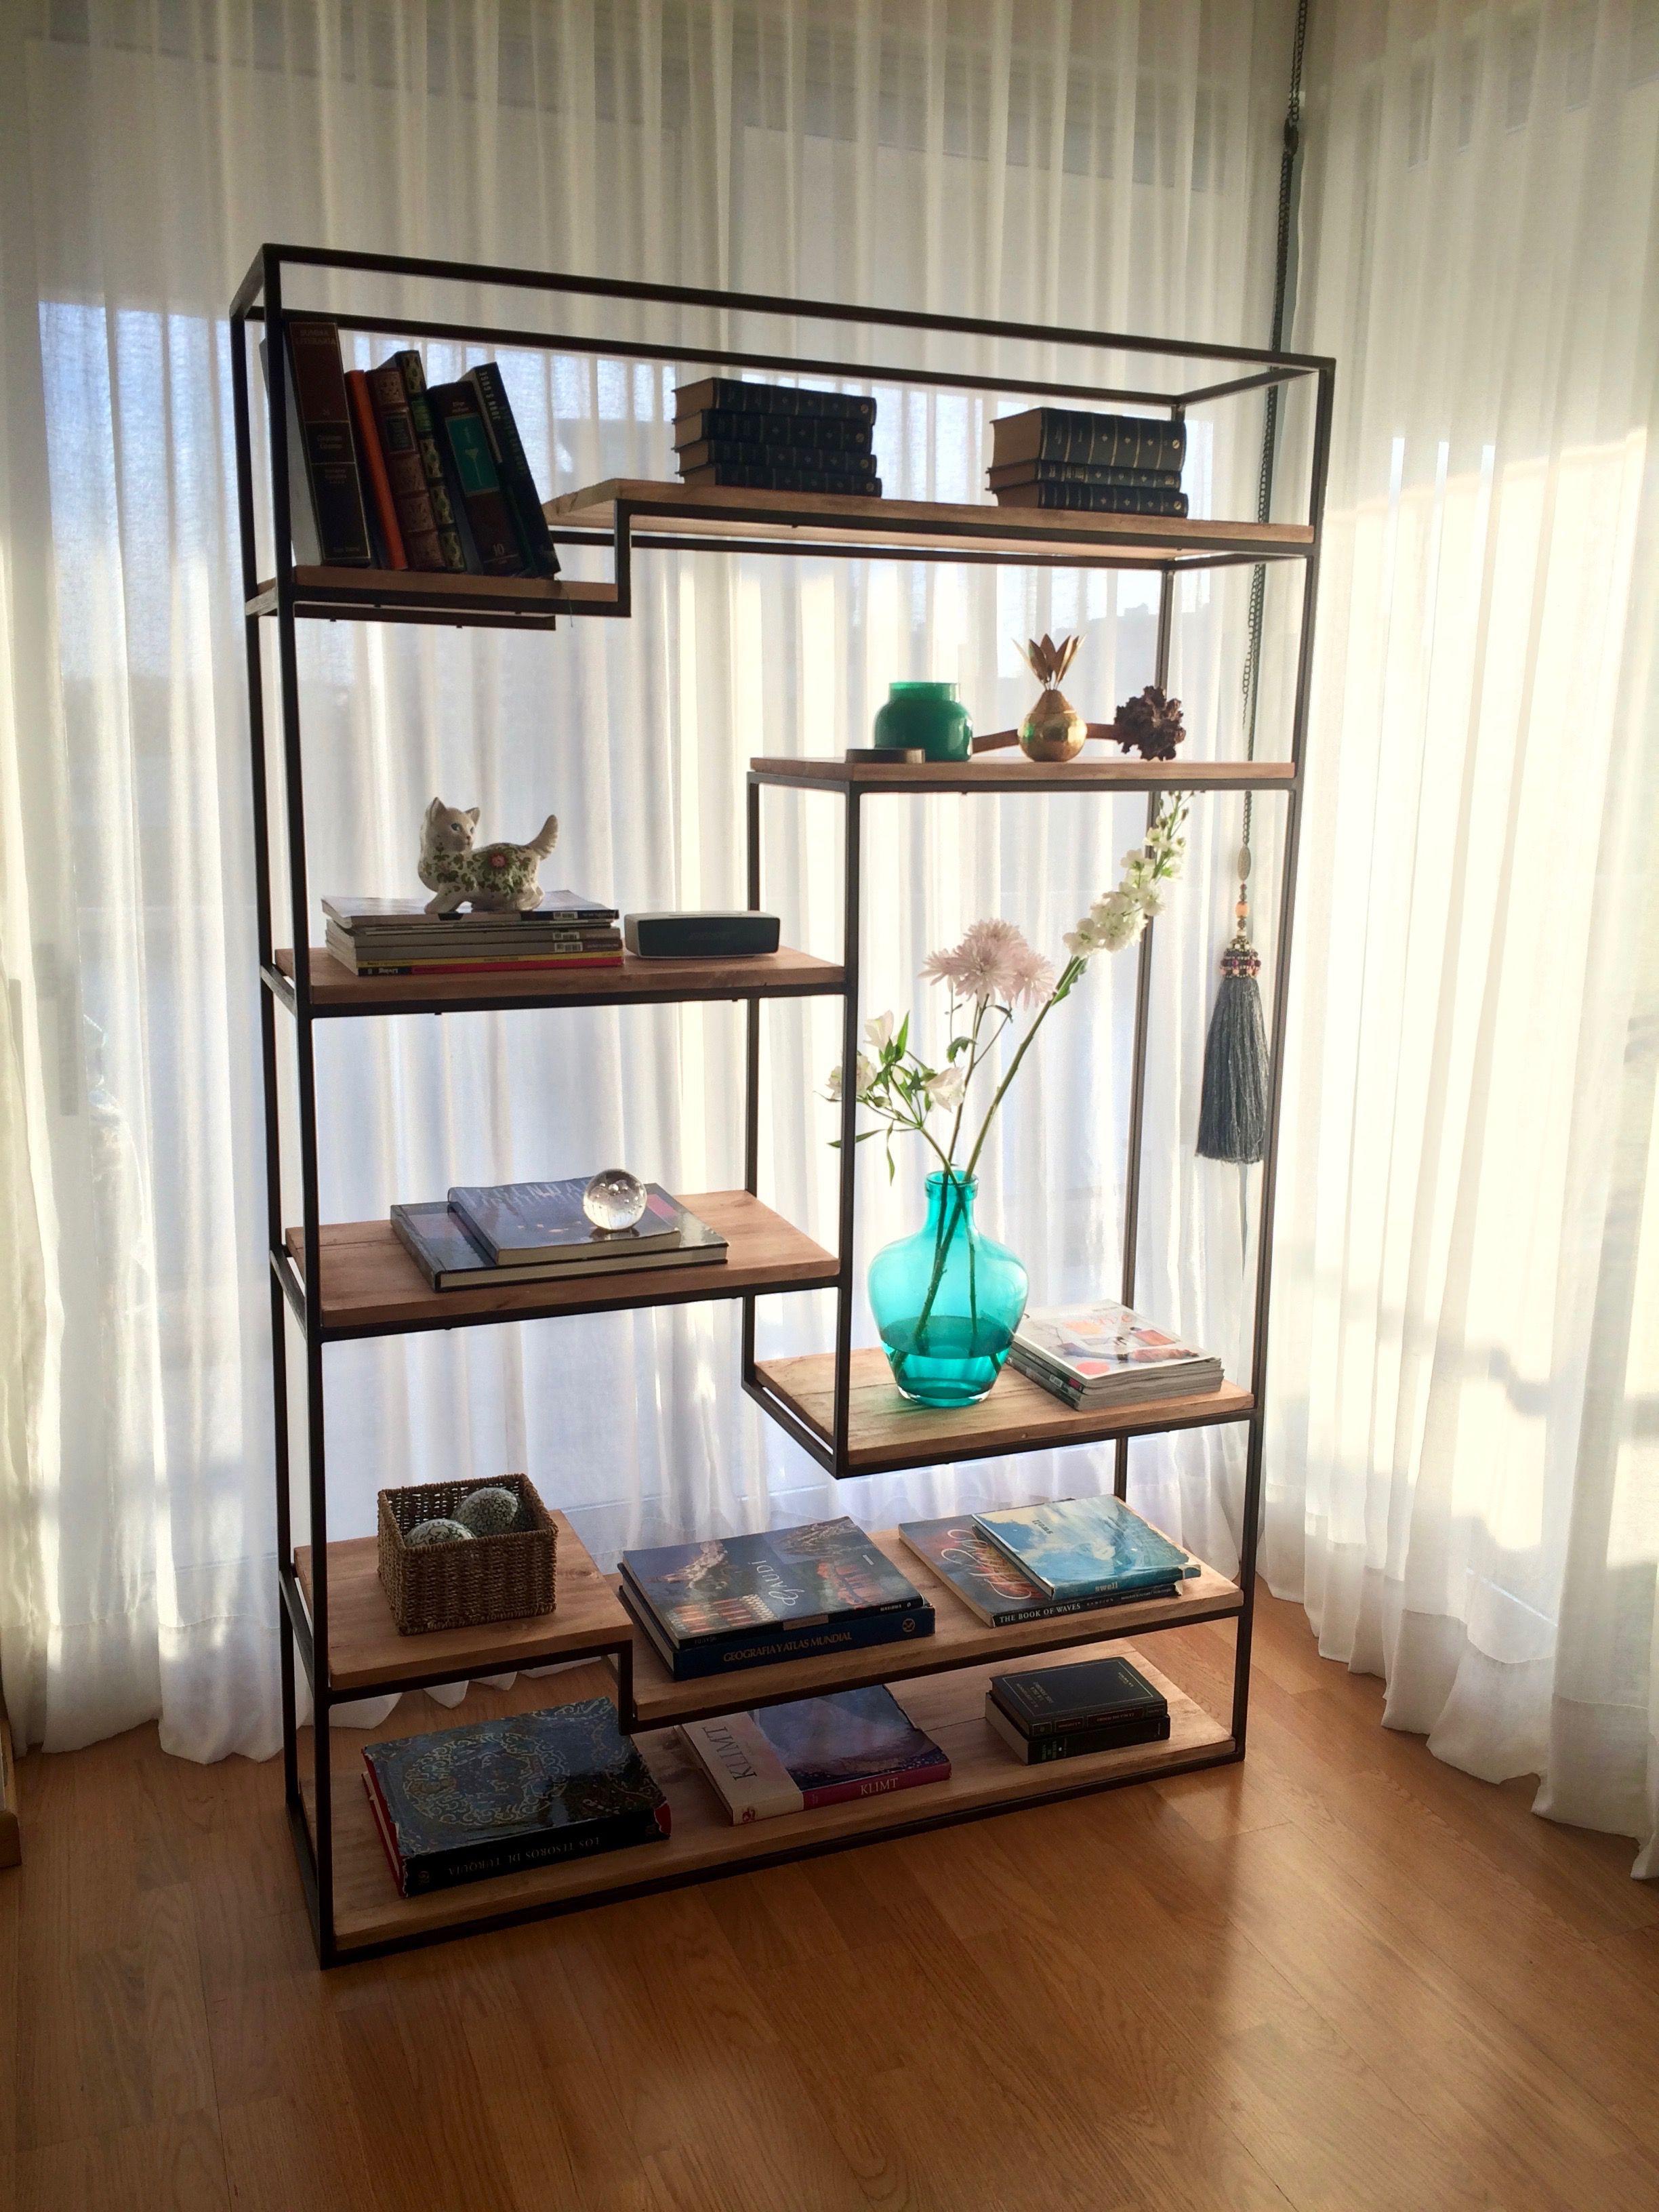 Biblioteca estilo industrial de hierro con estantes de - Madera para estantes ...